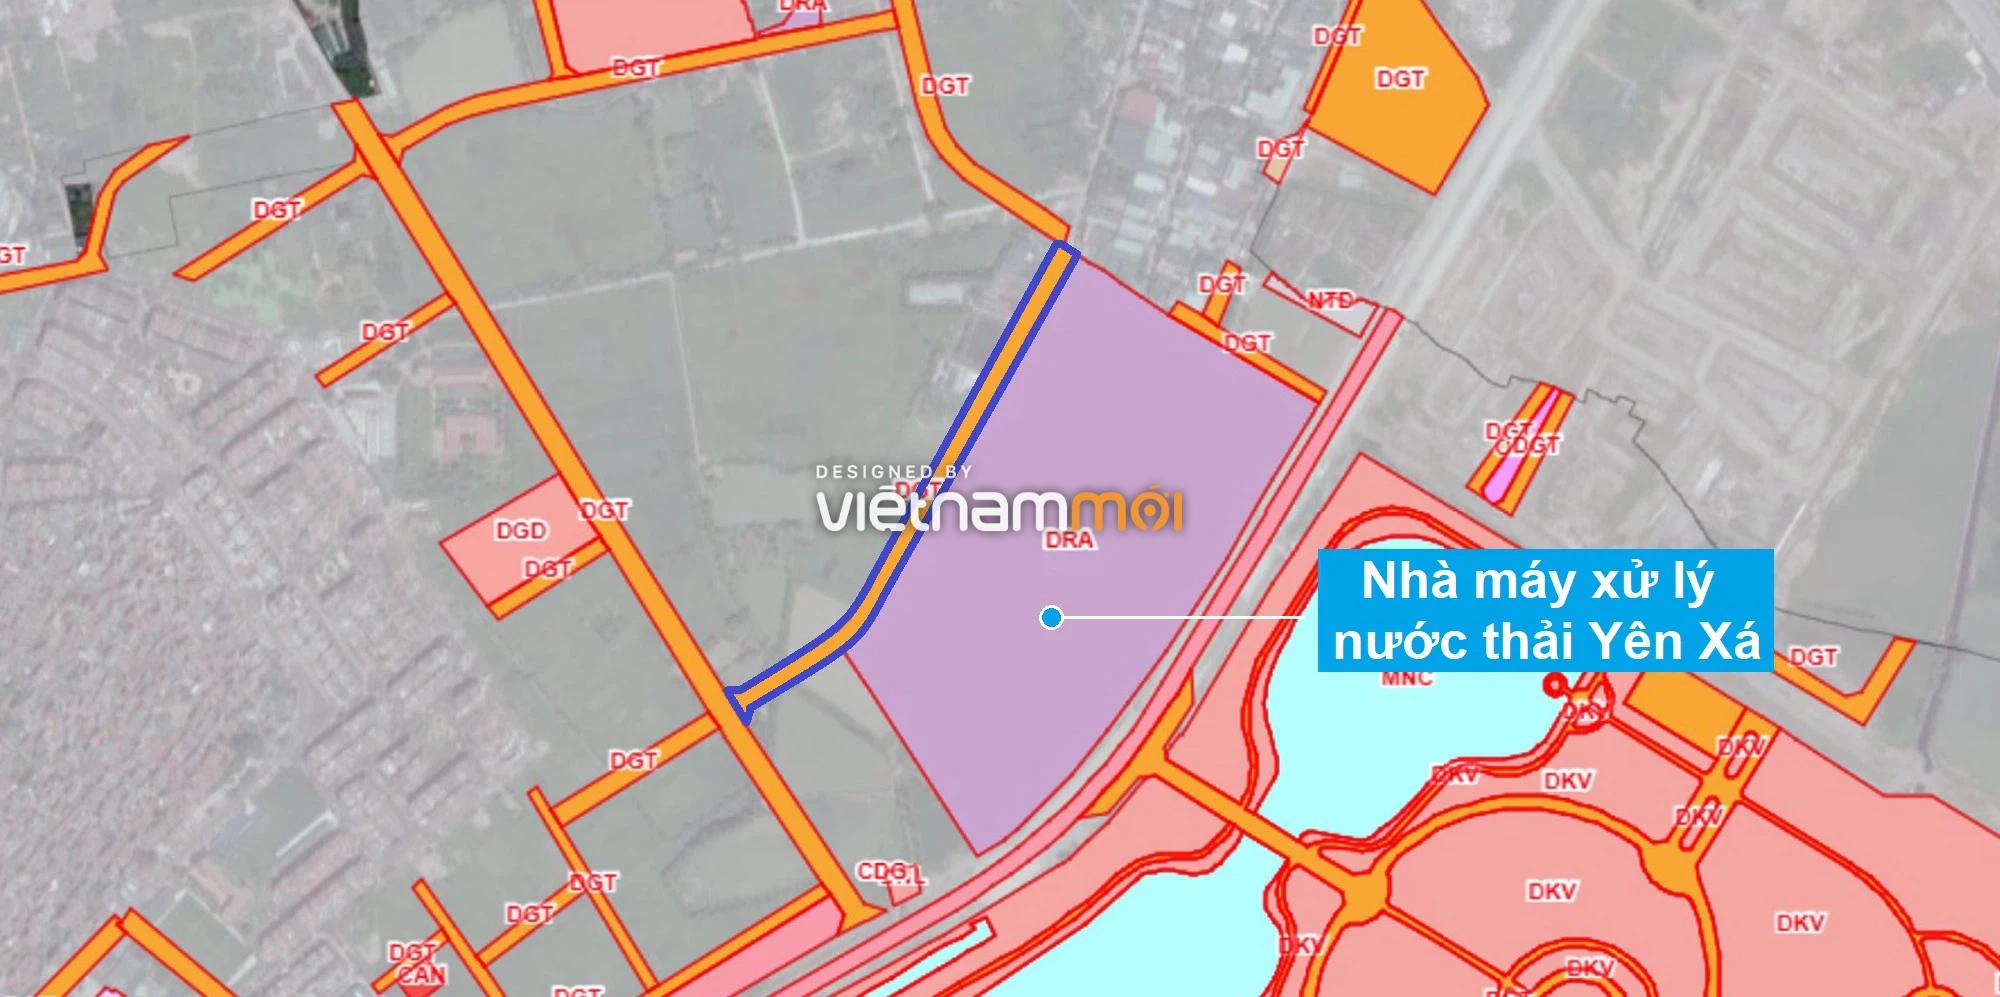 Những khu đất sắp thu hồi để mở đường ở xã Tân Triều, Thanh Trì, Hà Nội (phần 4) - Ảnh 9.